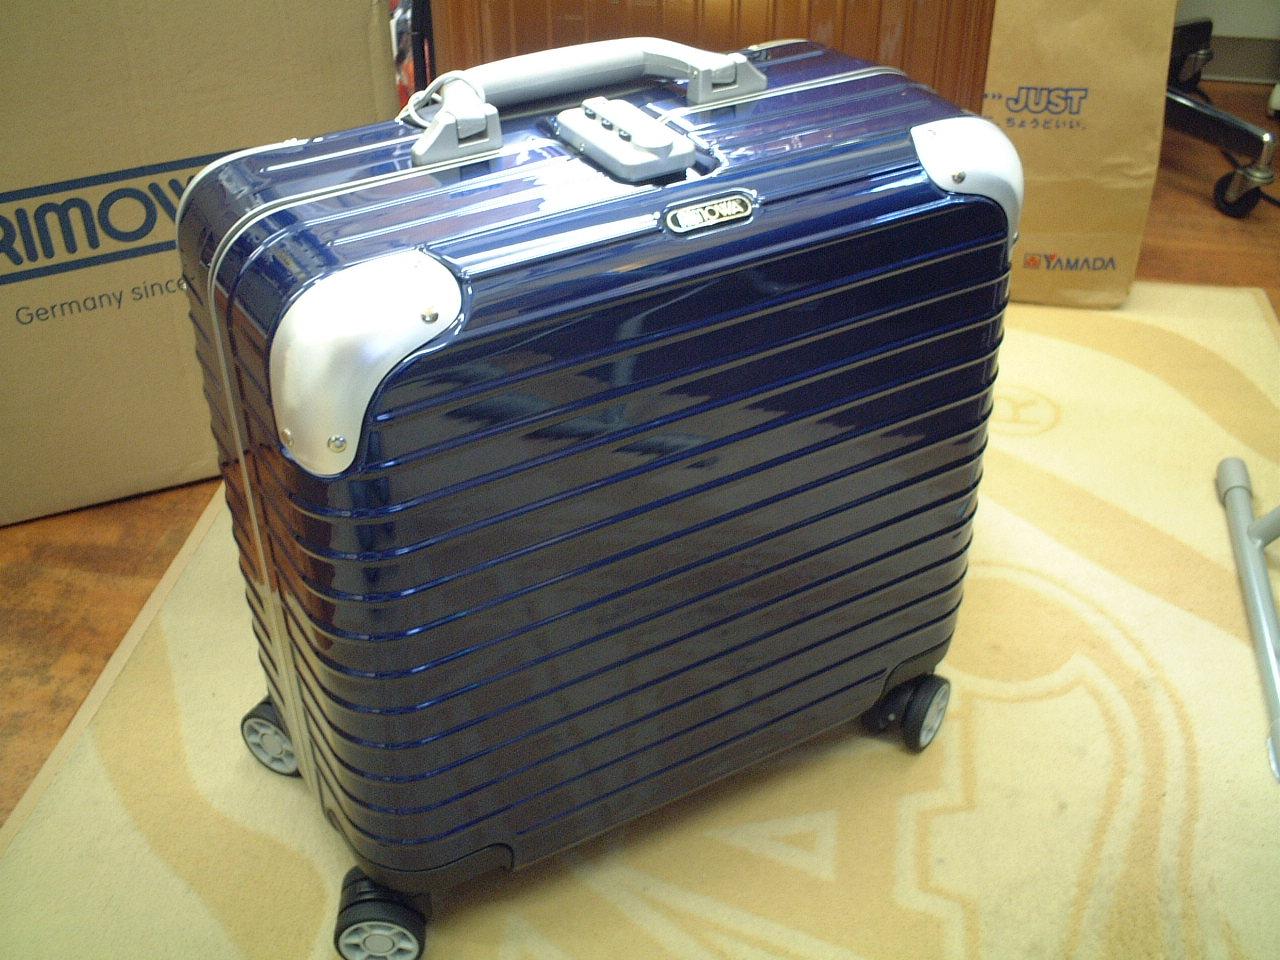 超特価ラスト1個★2012製★ RIMOWA リモワ LIMBO リンボ 891.40 ブルー 4輪トロリー